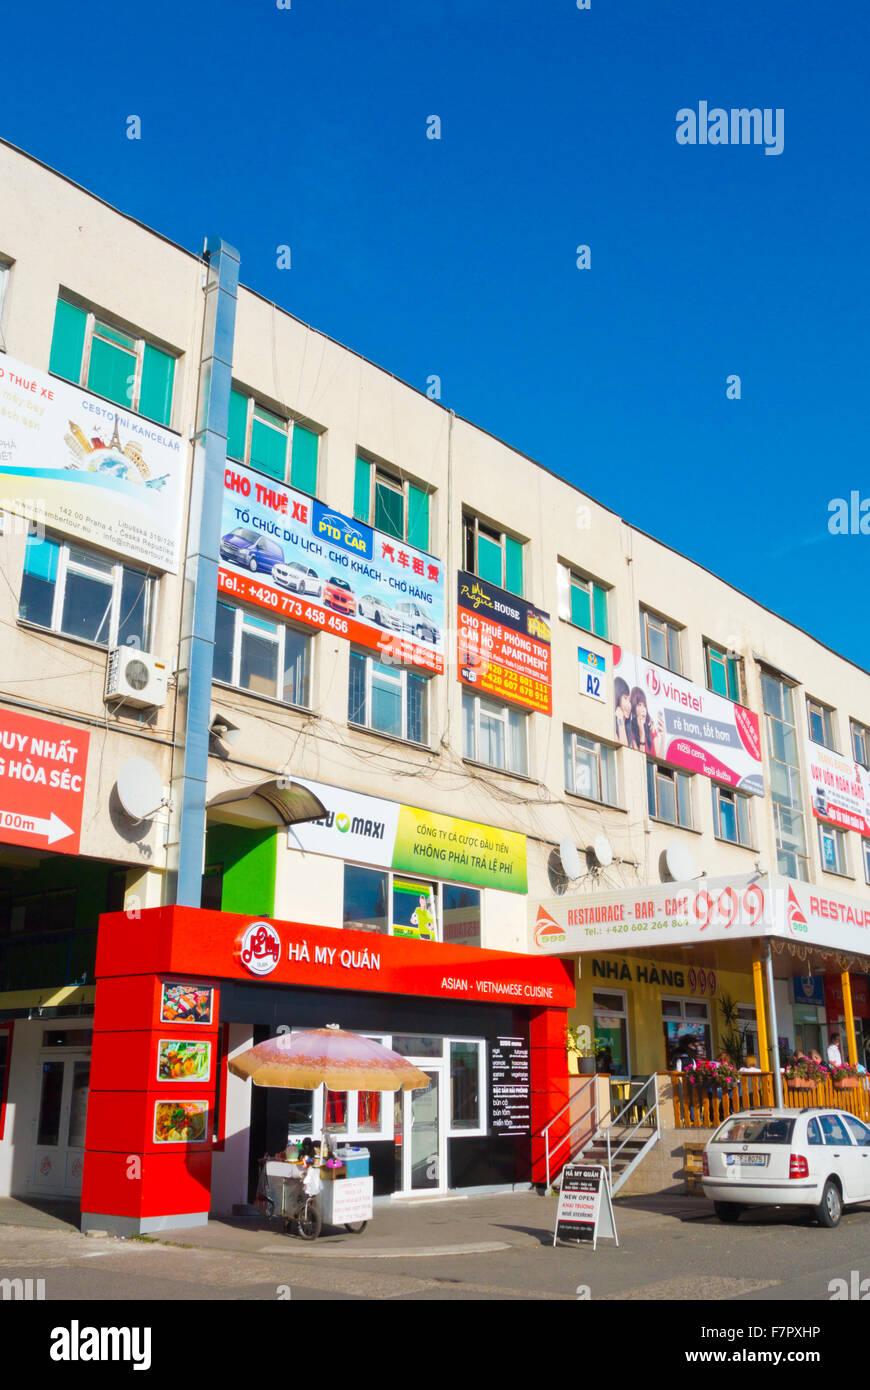 Restaurant, offices, SAPA, the Vietnamese market, Libus, Prague, Czech Republic - Stock Image